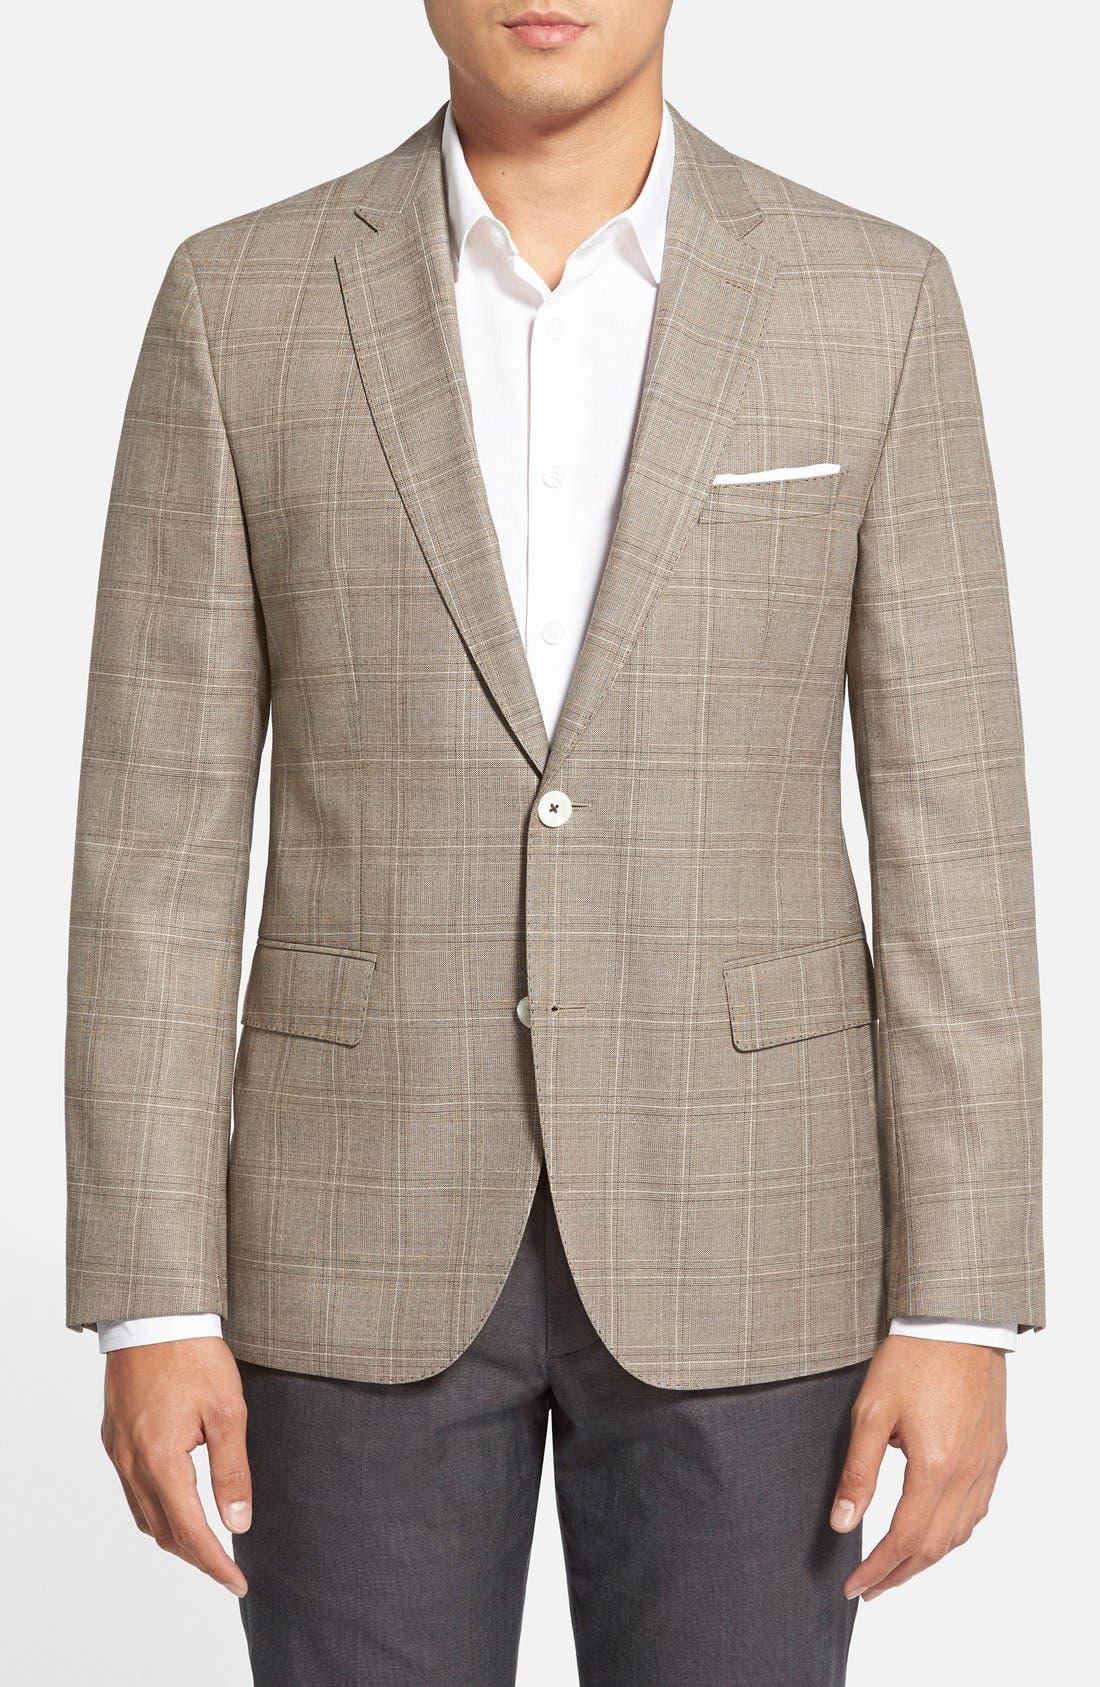 Main Image - BOSS 'Jarett' Trim Fit Plaid Wool Blend Sport Coat